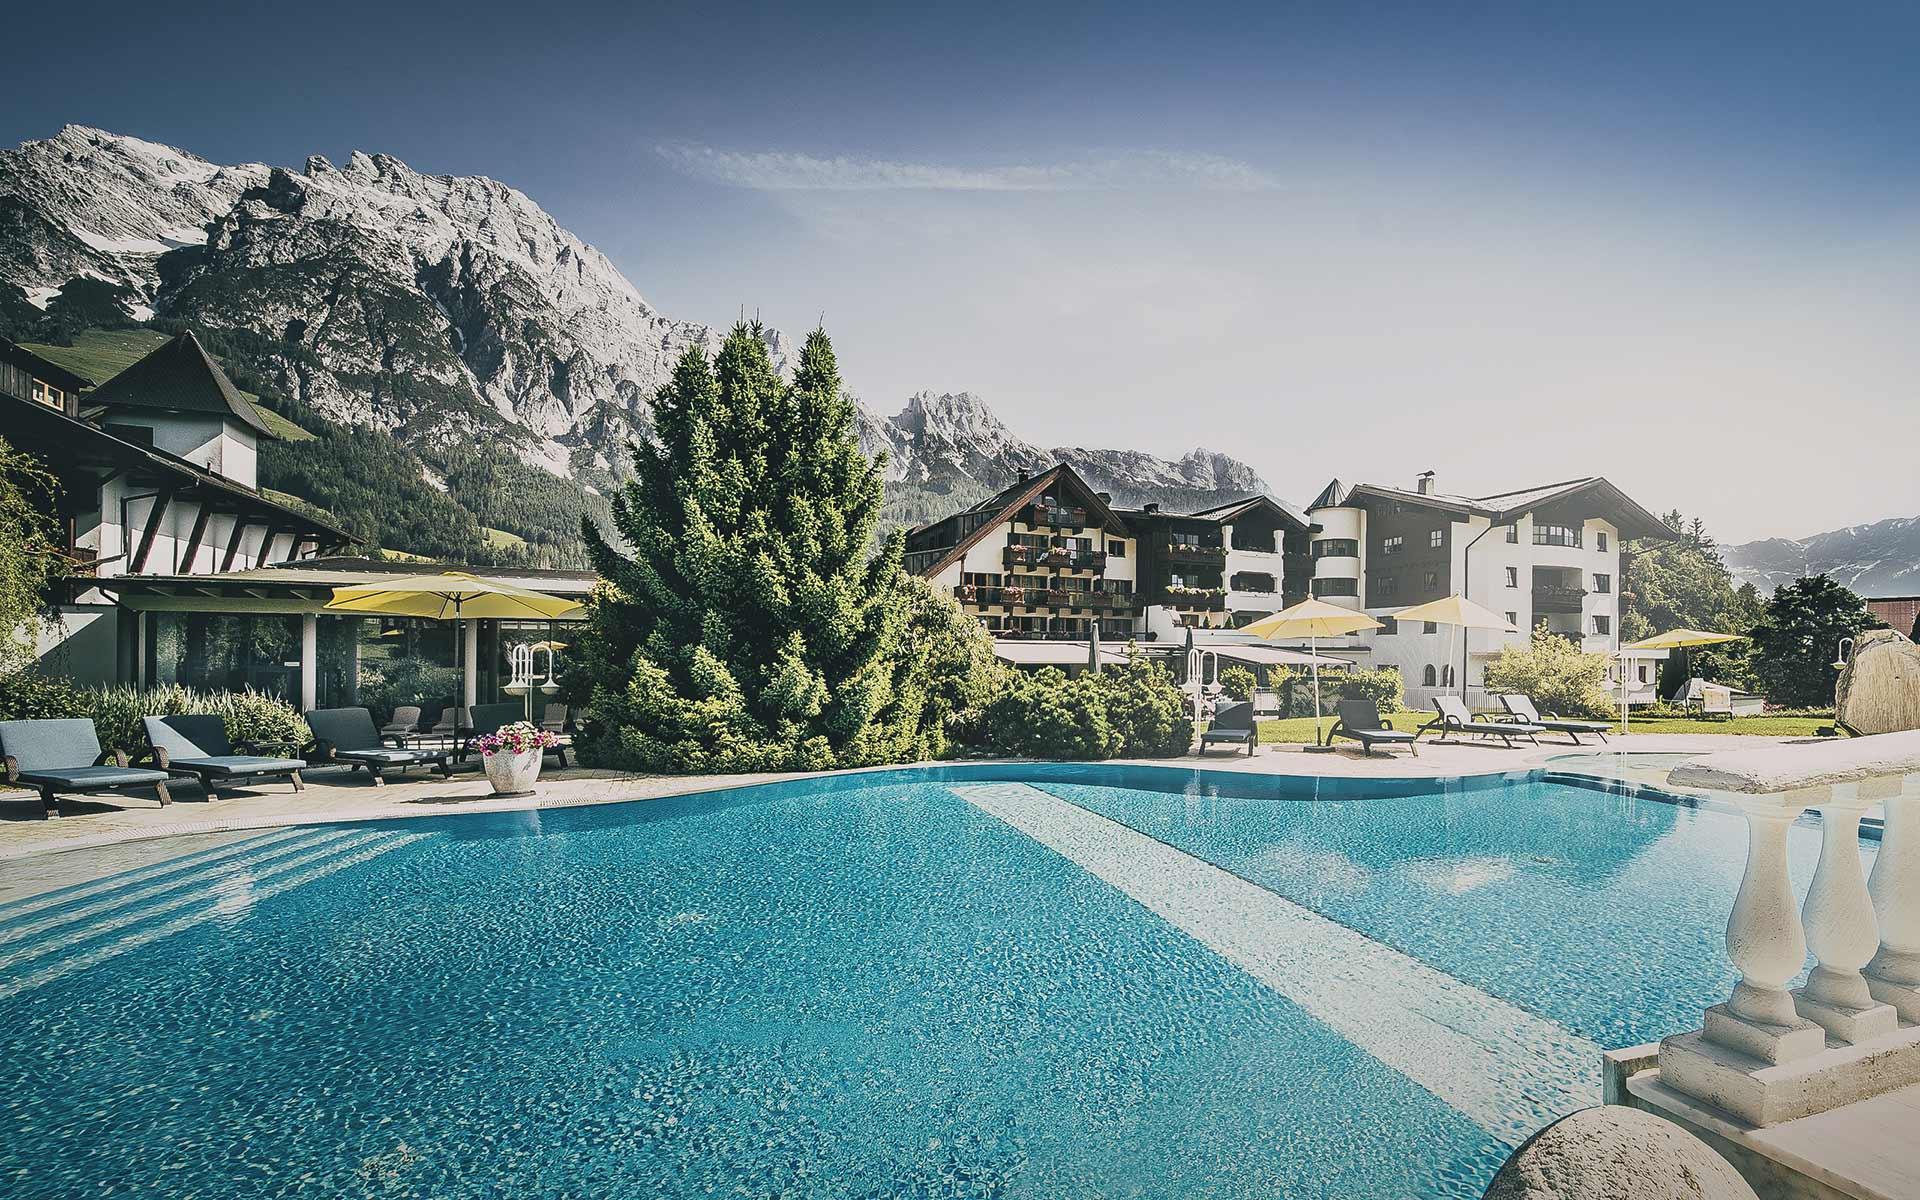 hotel_krallerhof